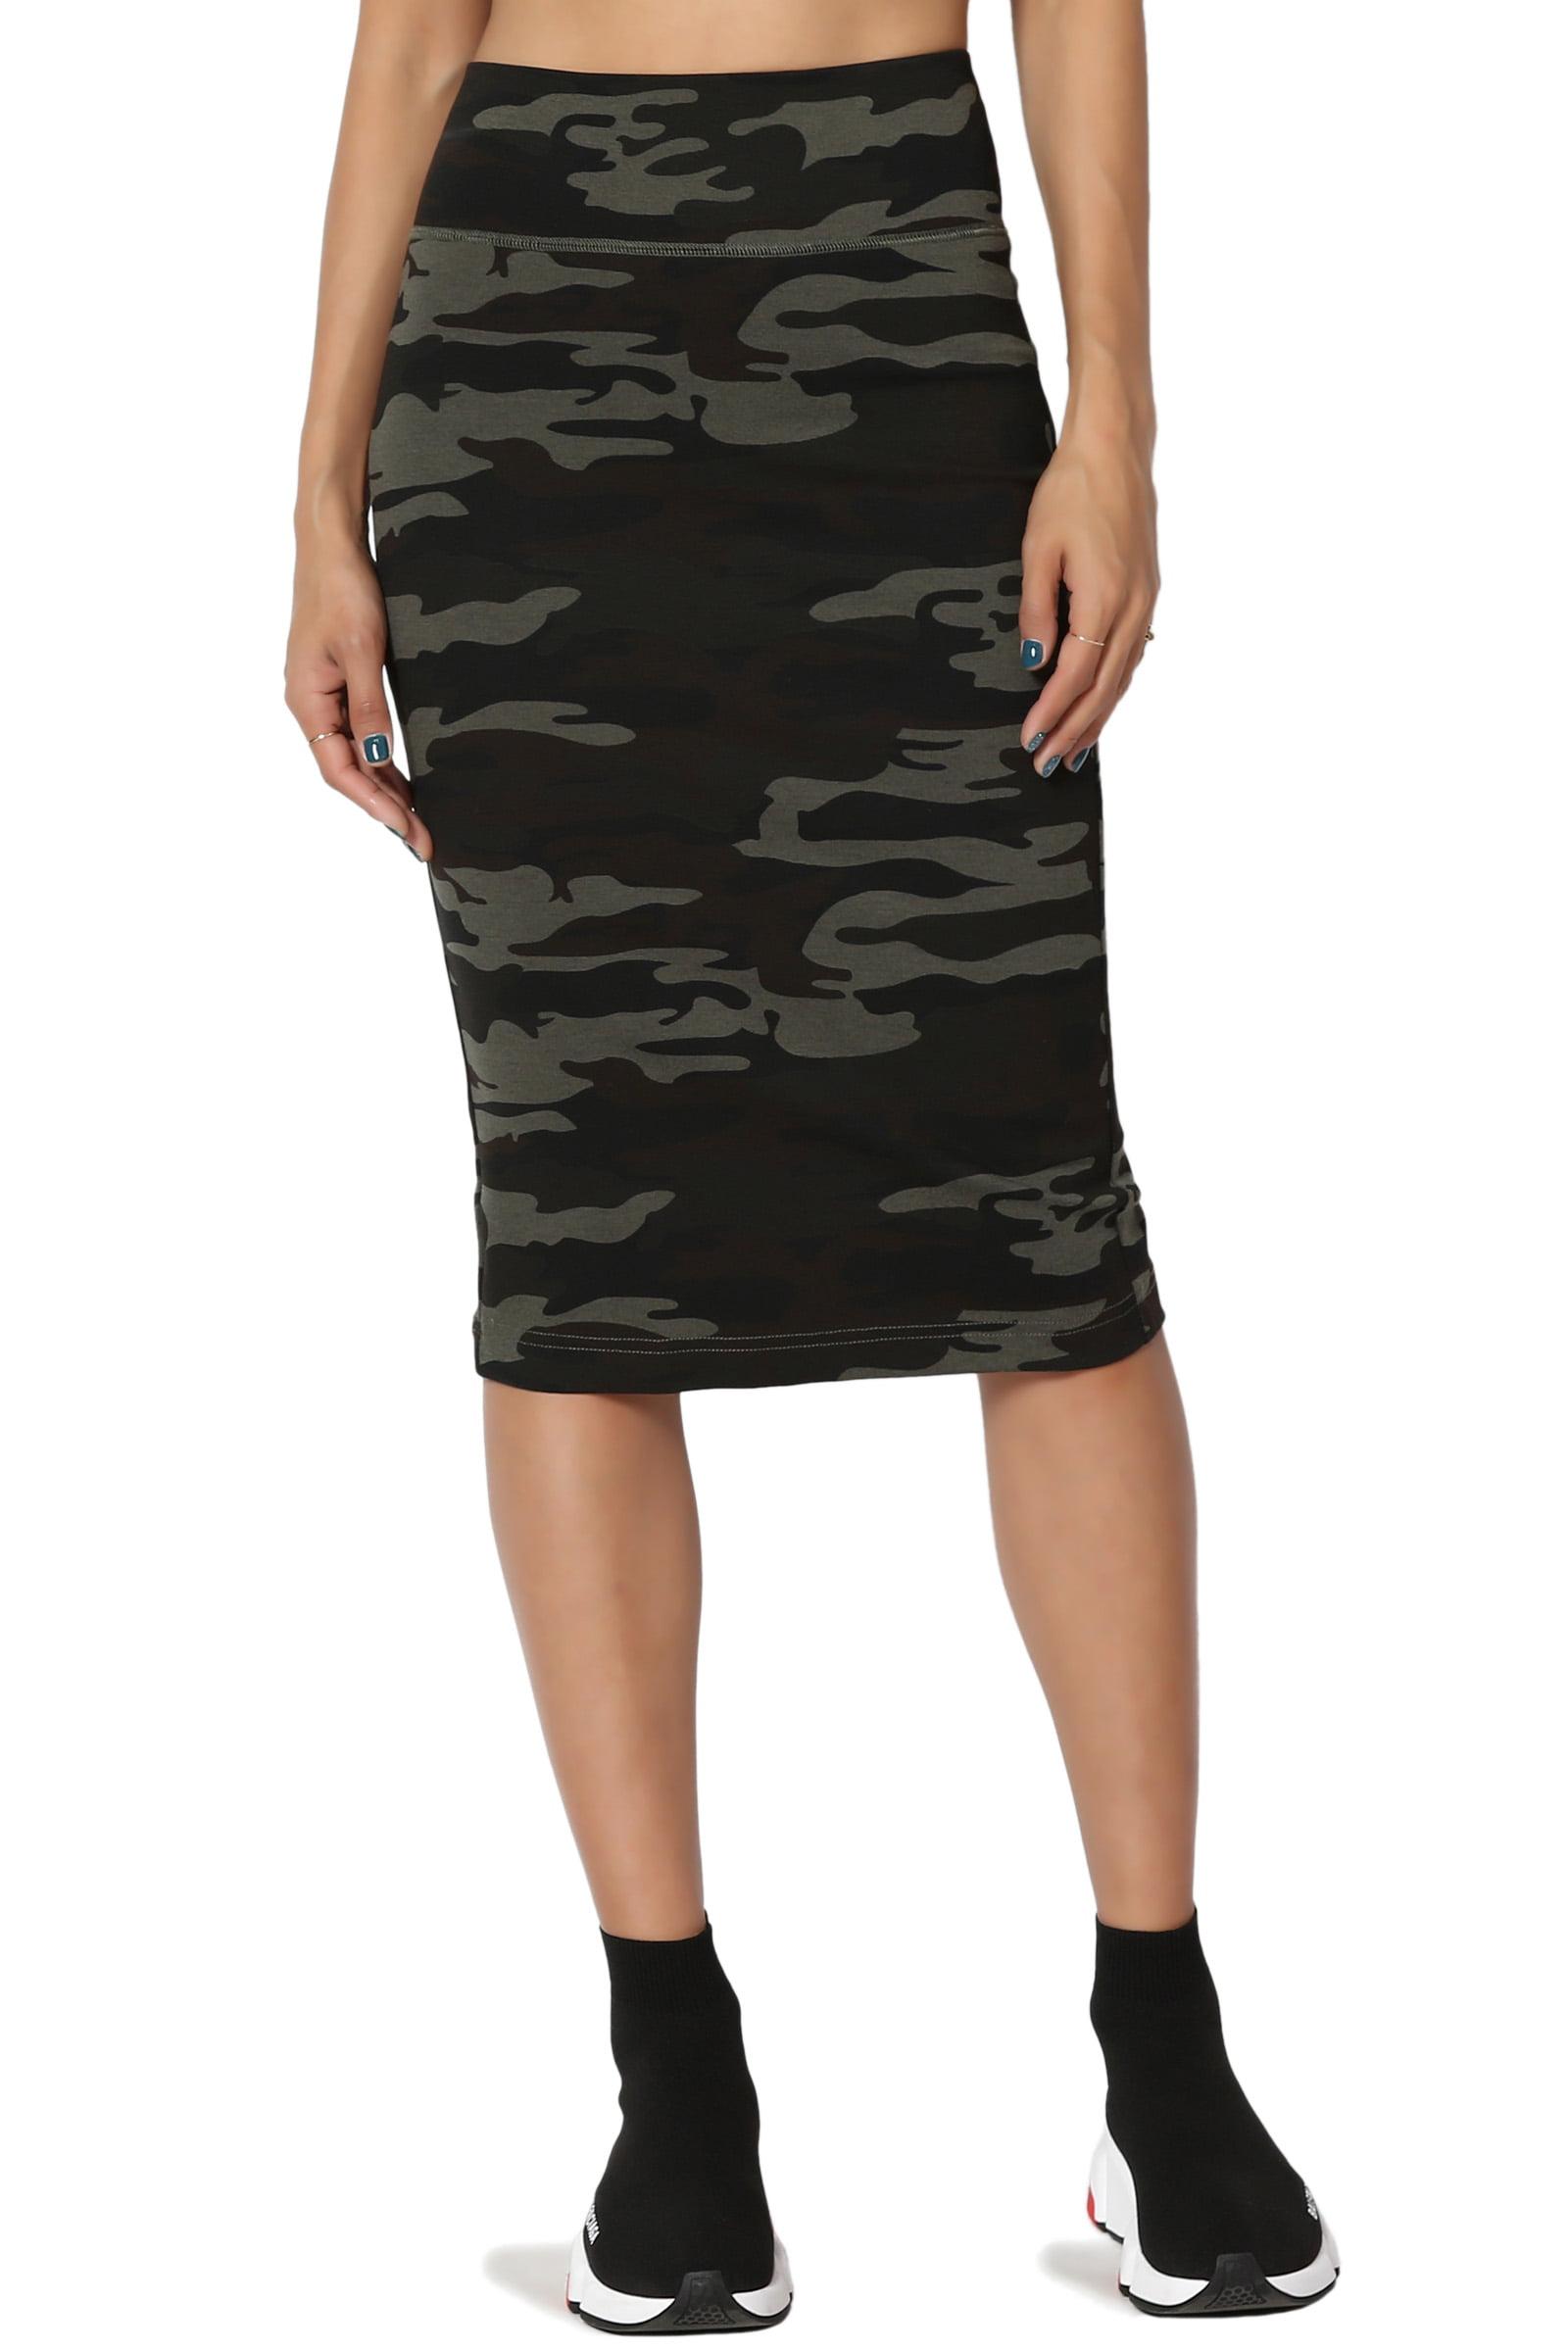 TheMogan Junior's PLUS Camo Print Stretchy Ponte Knit Knee Length Midi Pencil Skirt